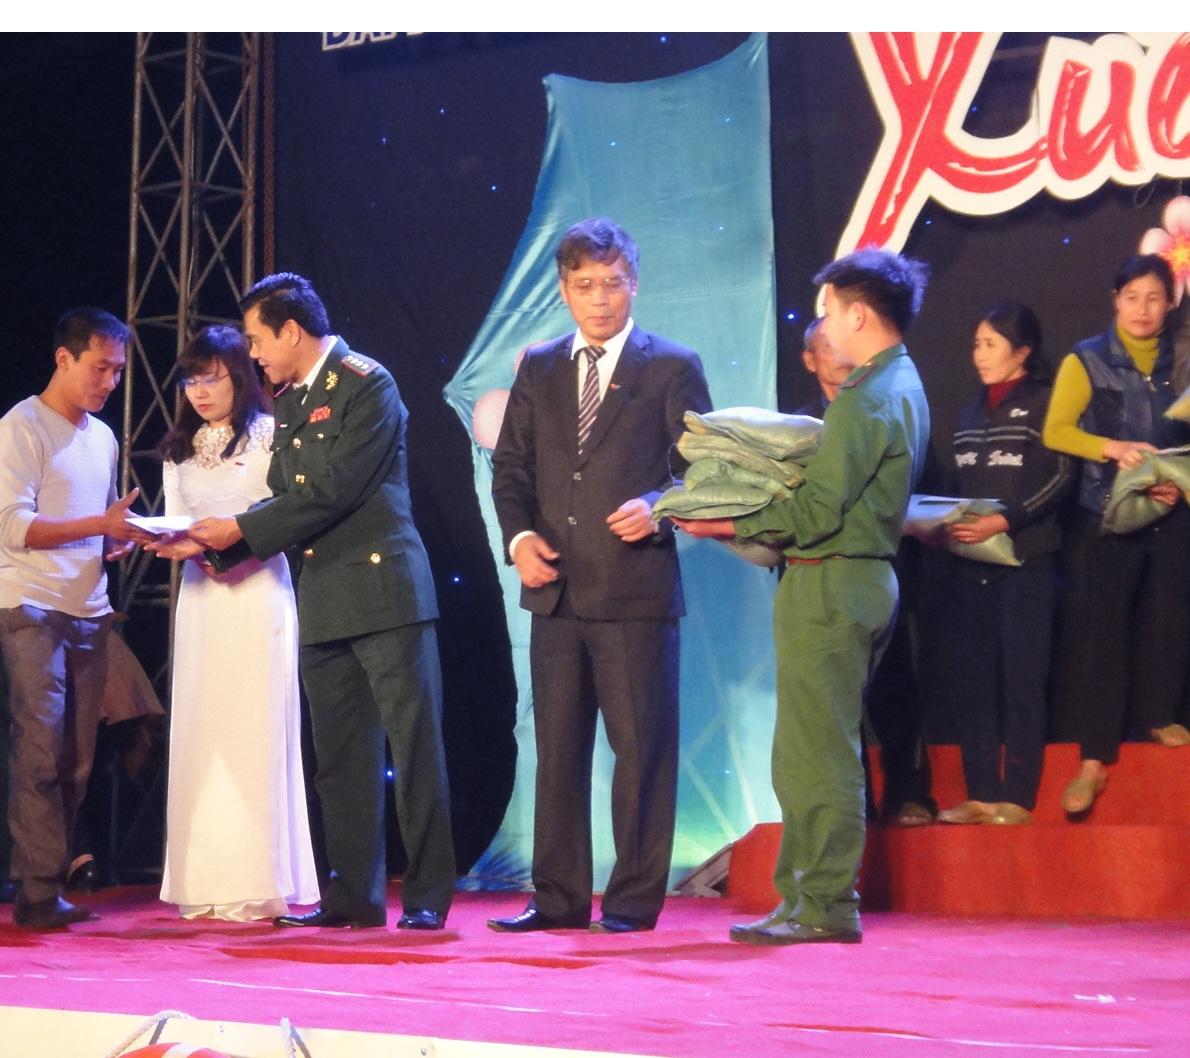 Đồng chí Võ Trọng Hải chỉ huy trưởng bộ đội biên phòng tỉnh trao qùa cho các ngư dân nghèo.